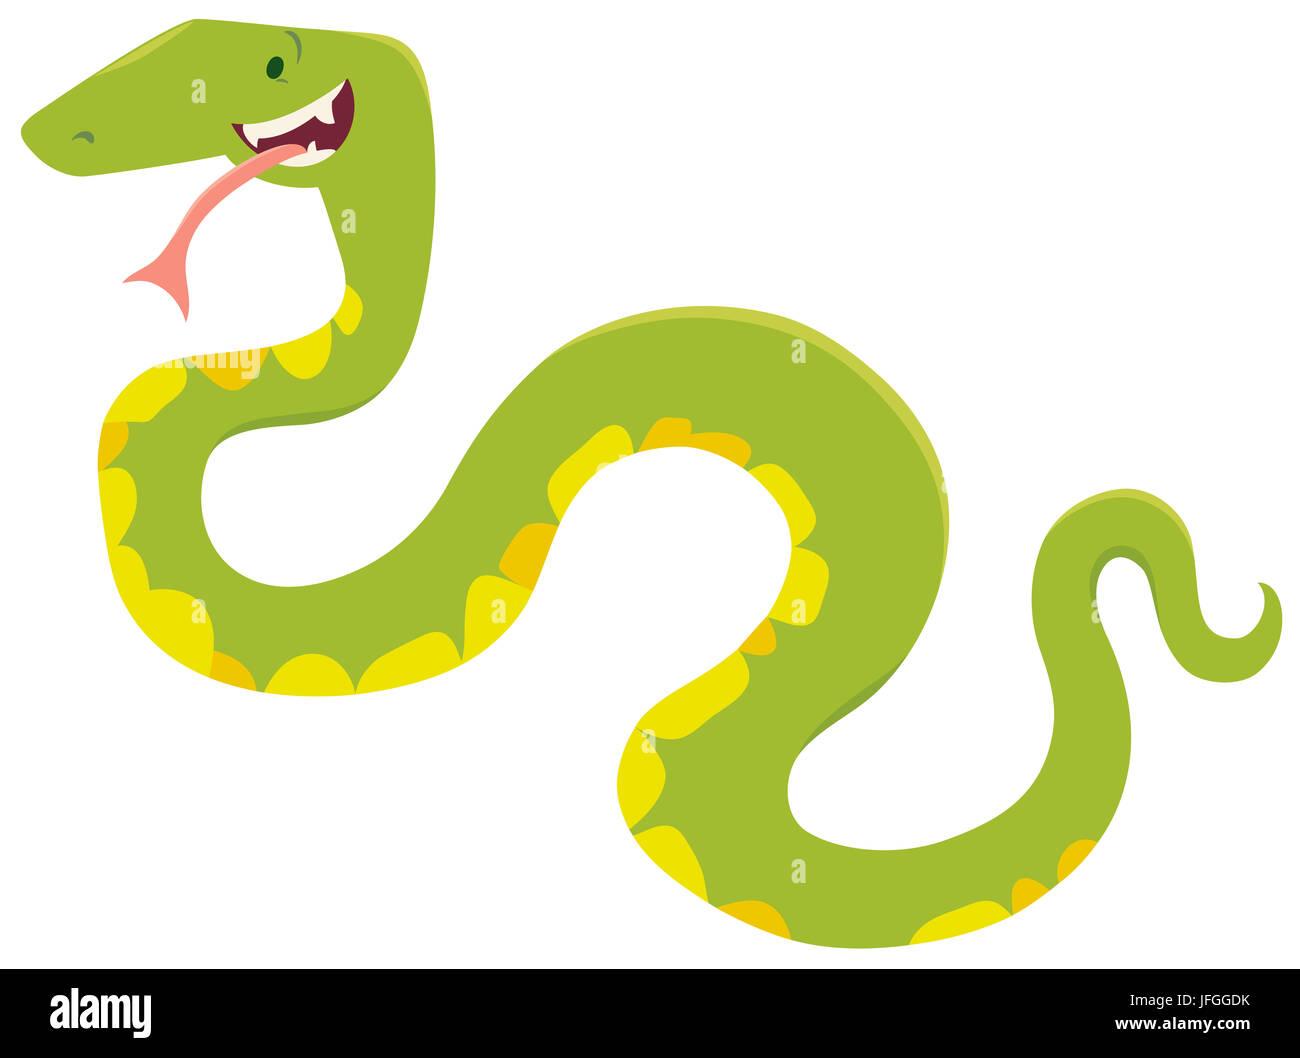 Dessin Animé Serpent personnage animal serpent dessin animé banque d'images, photo stock